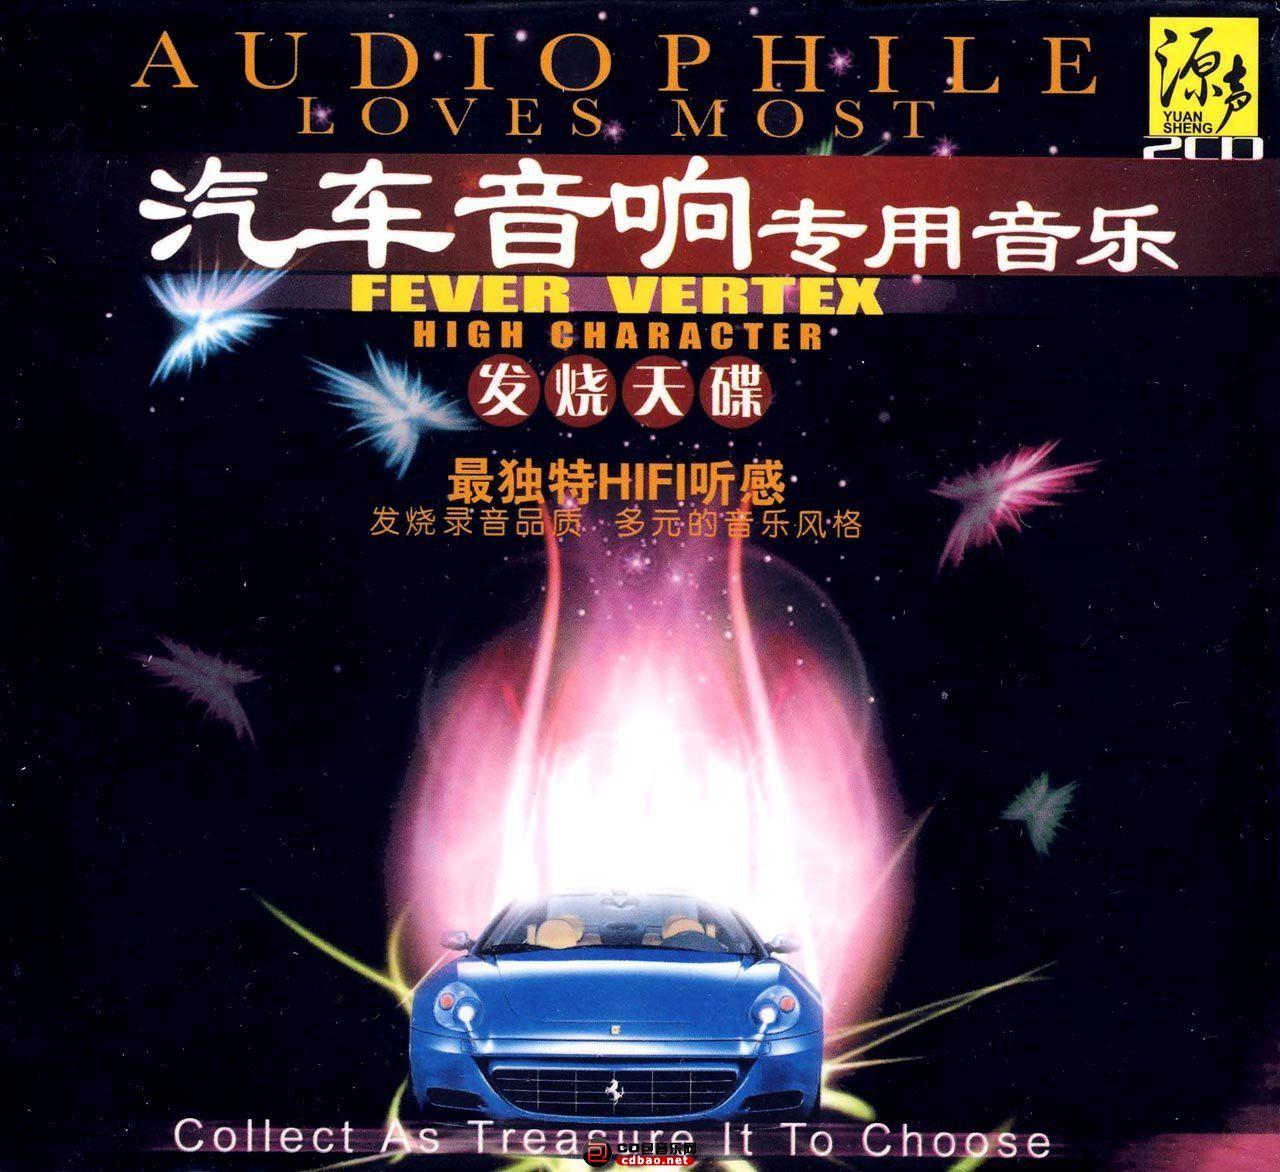 汽车音响专用音乐《发烧天碟》(2CD).jpg